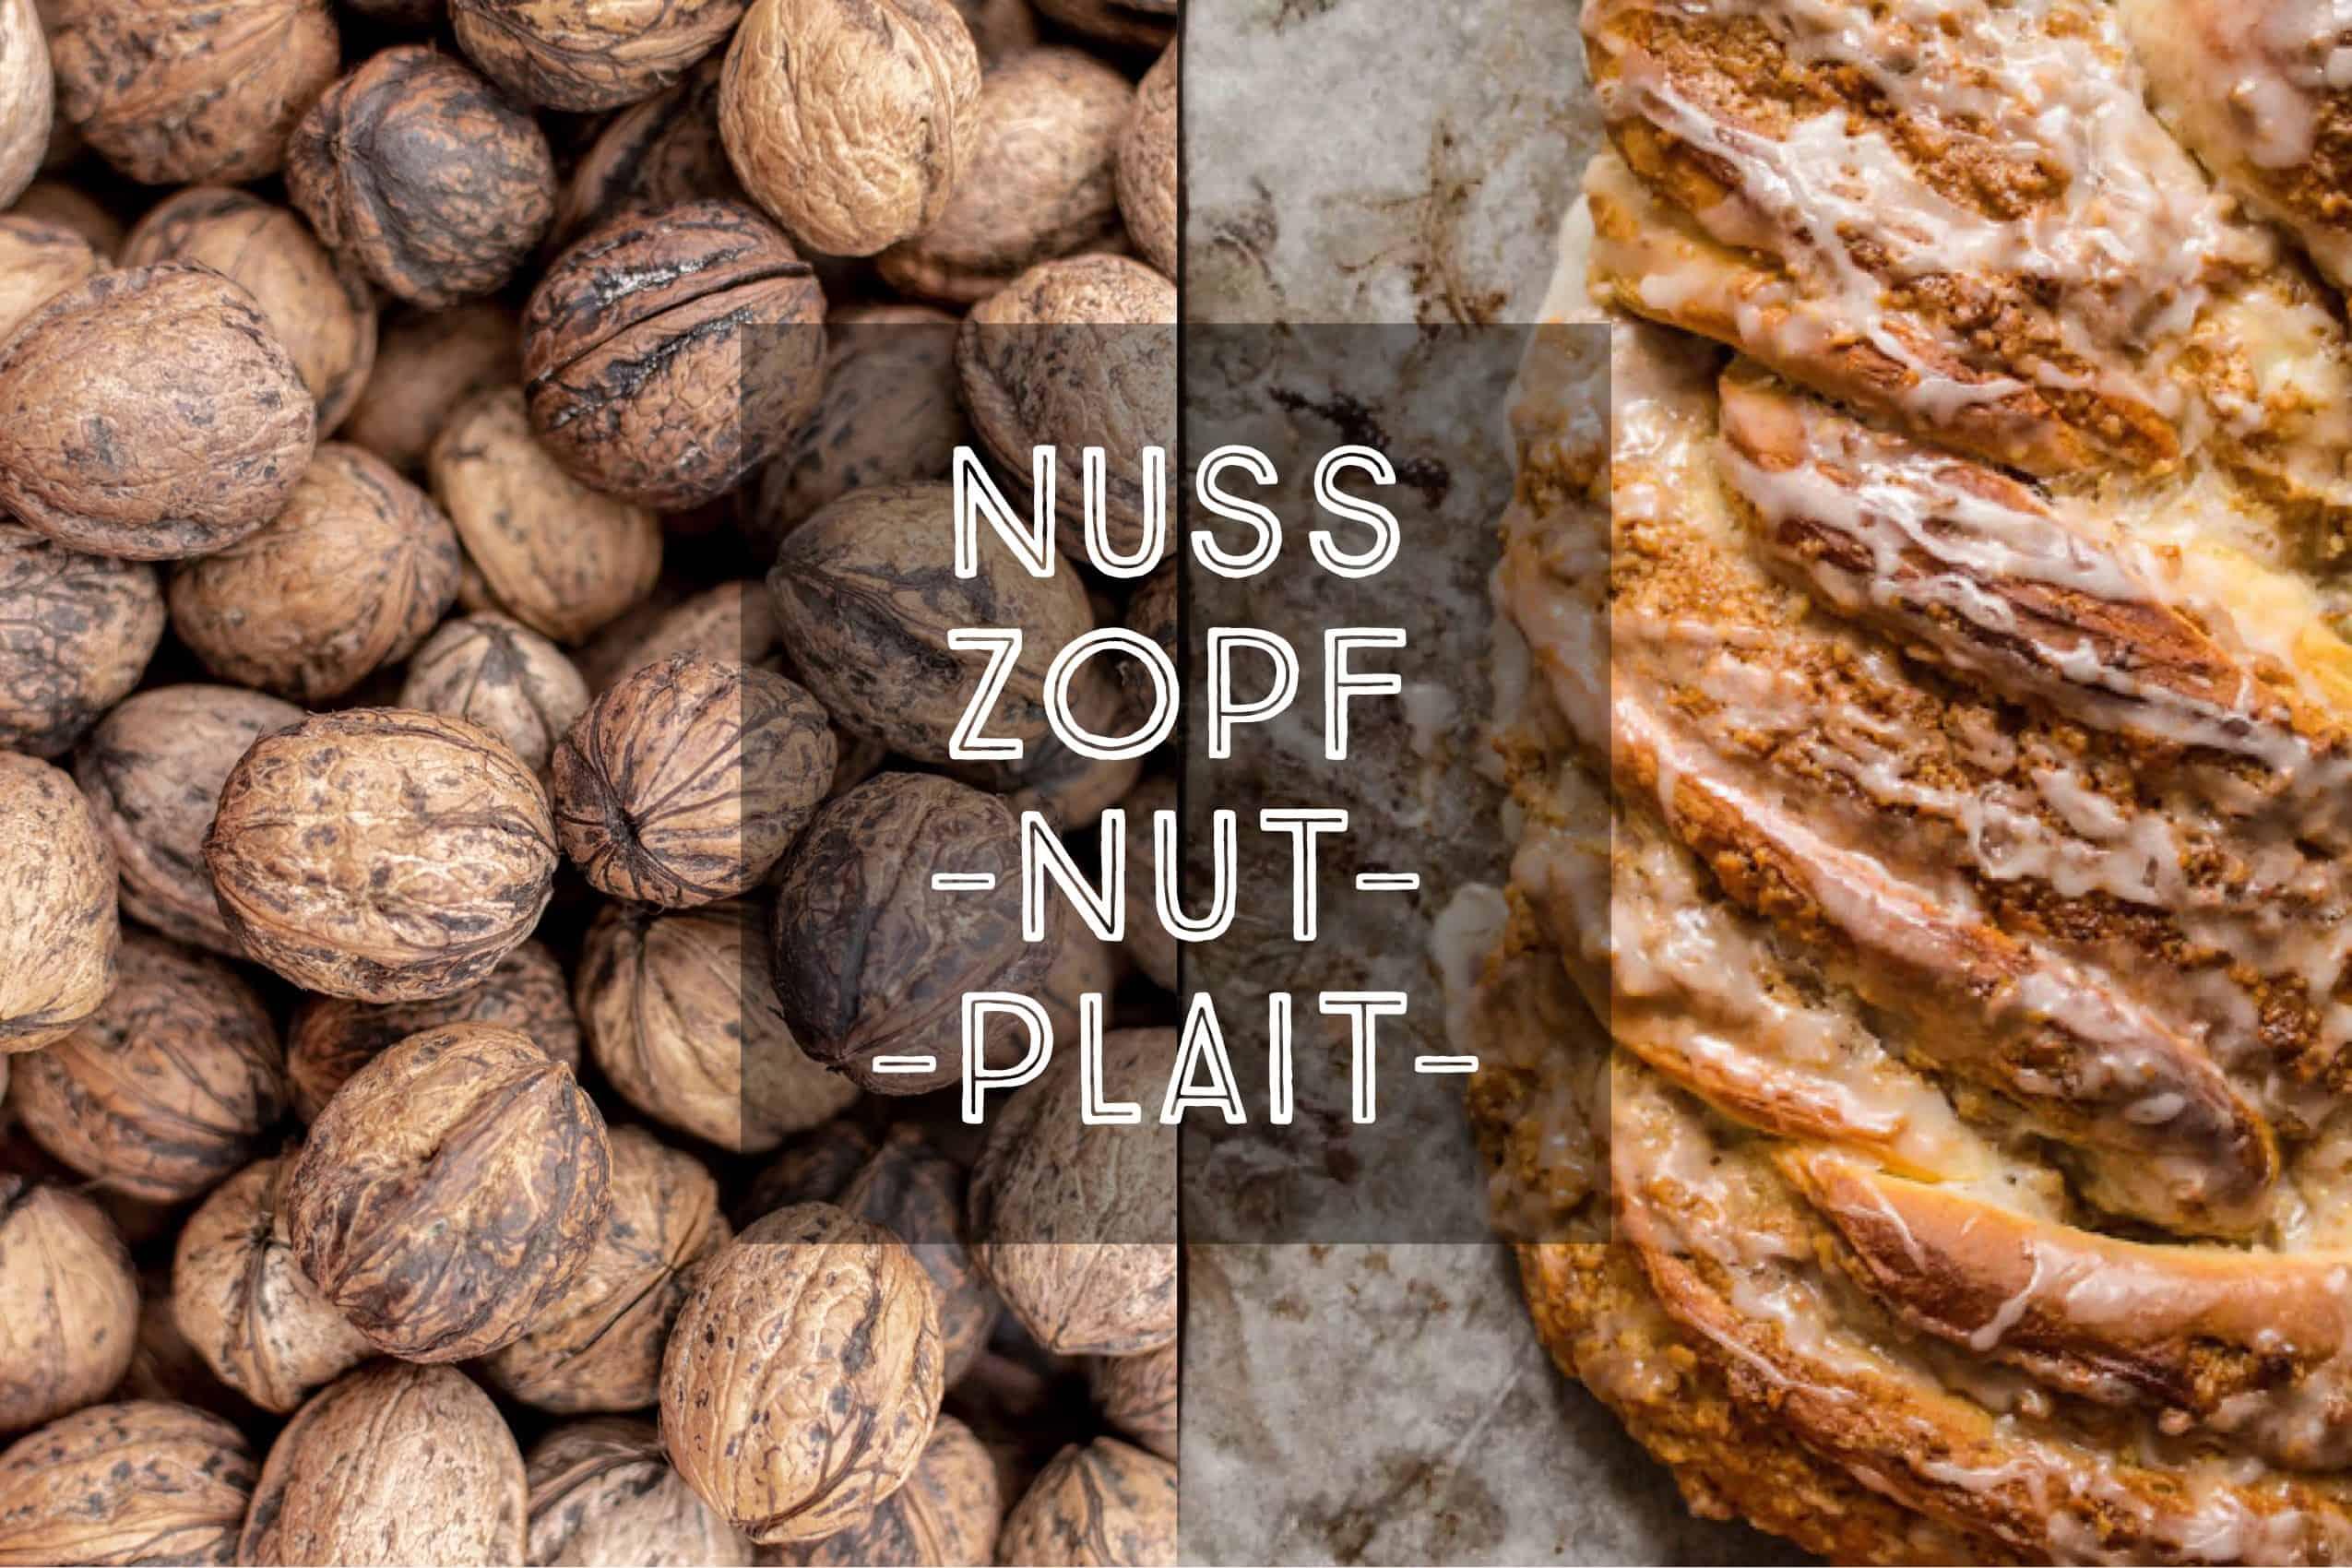 German Nut Plait Nusszopf Nußzopf